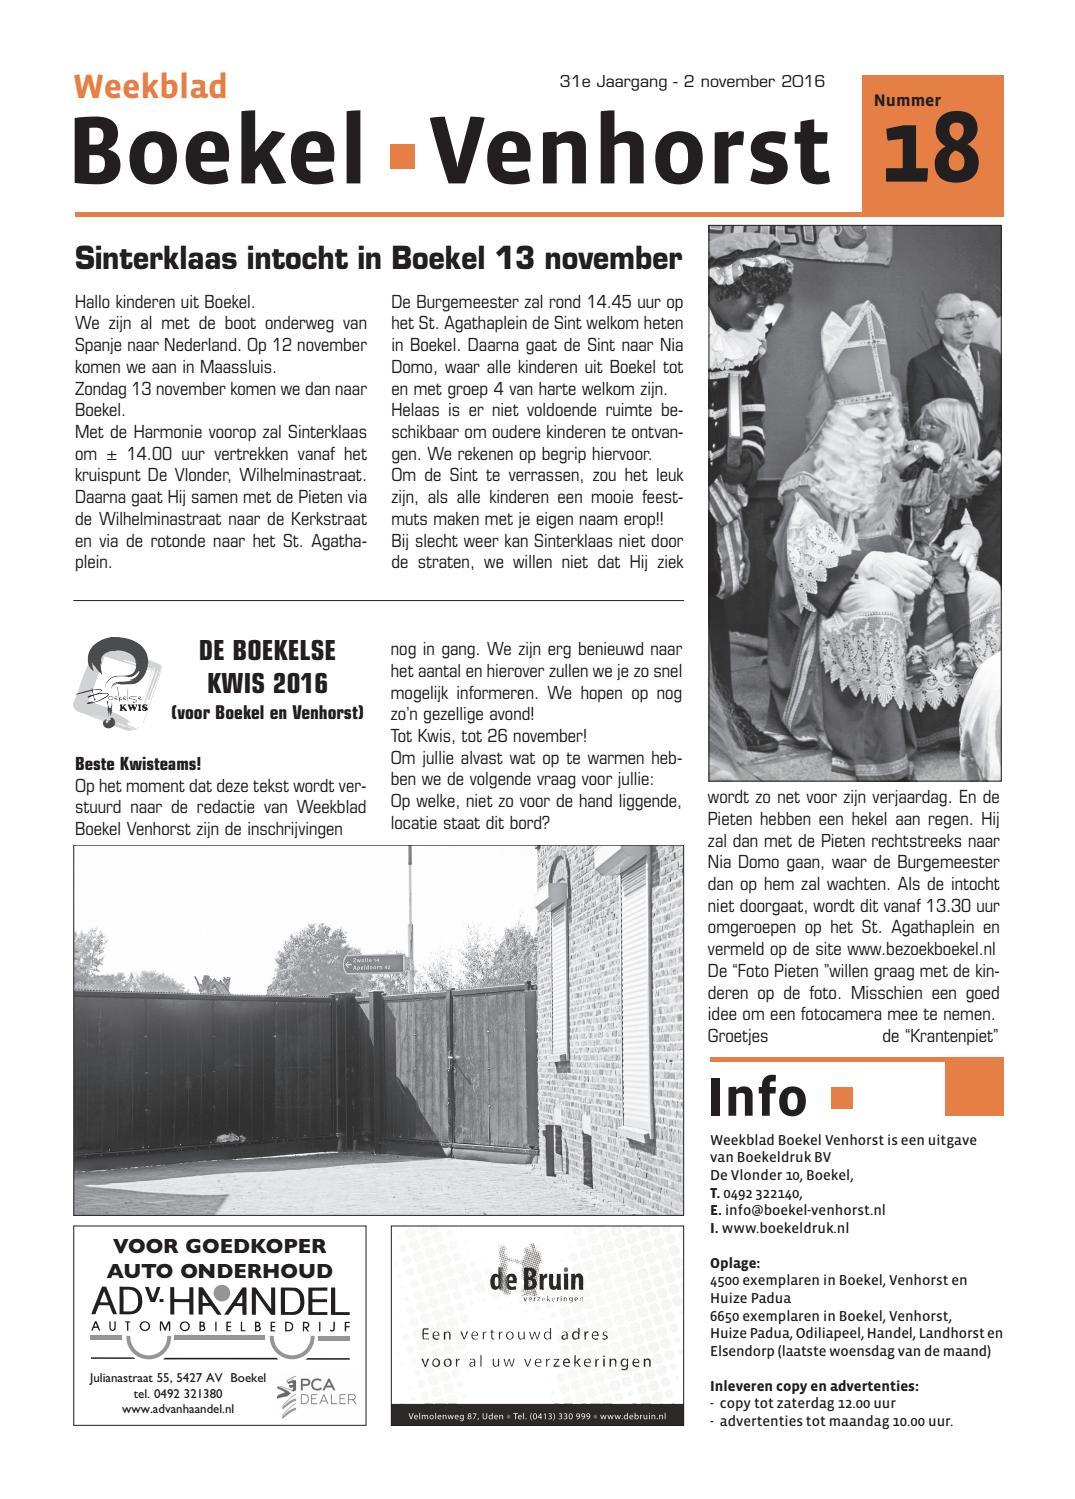 08d7e6a3e56 31e jaargang nr 18, 2 november '16 by Boekeldruk - issuu